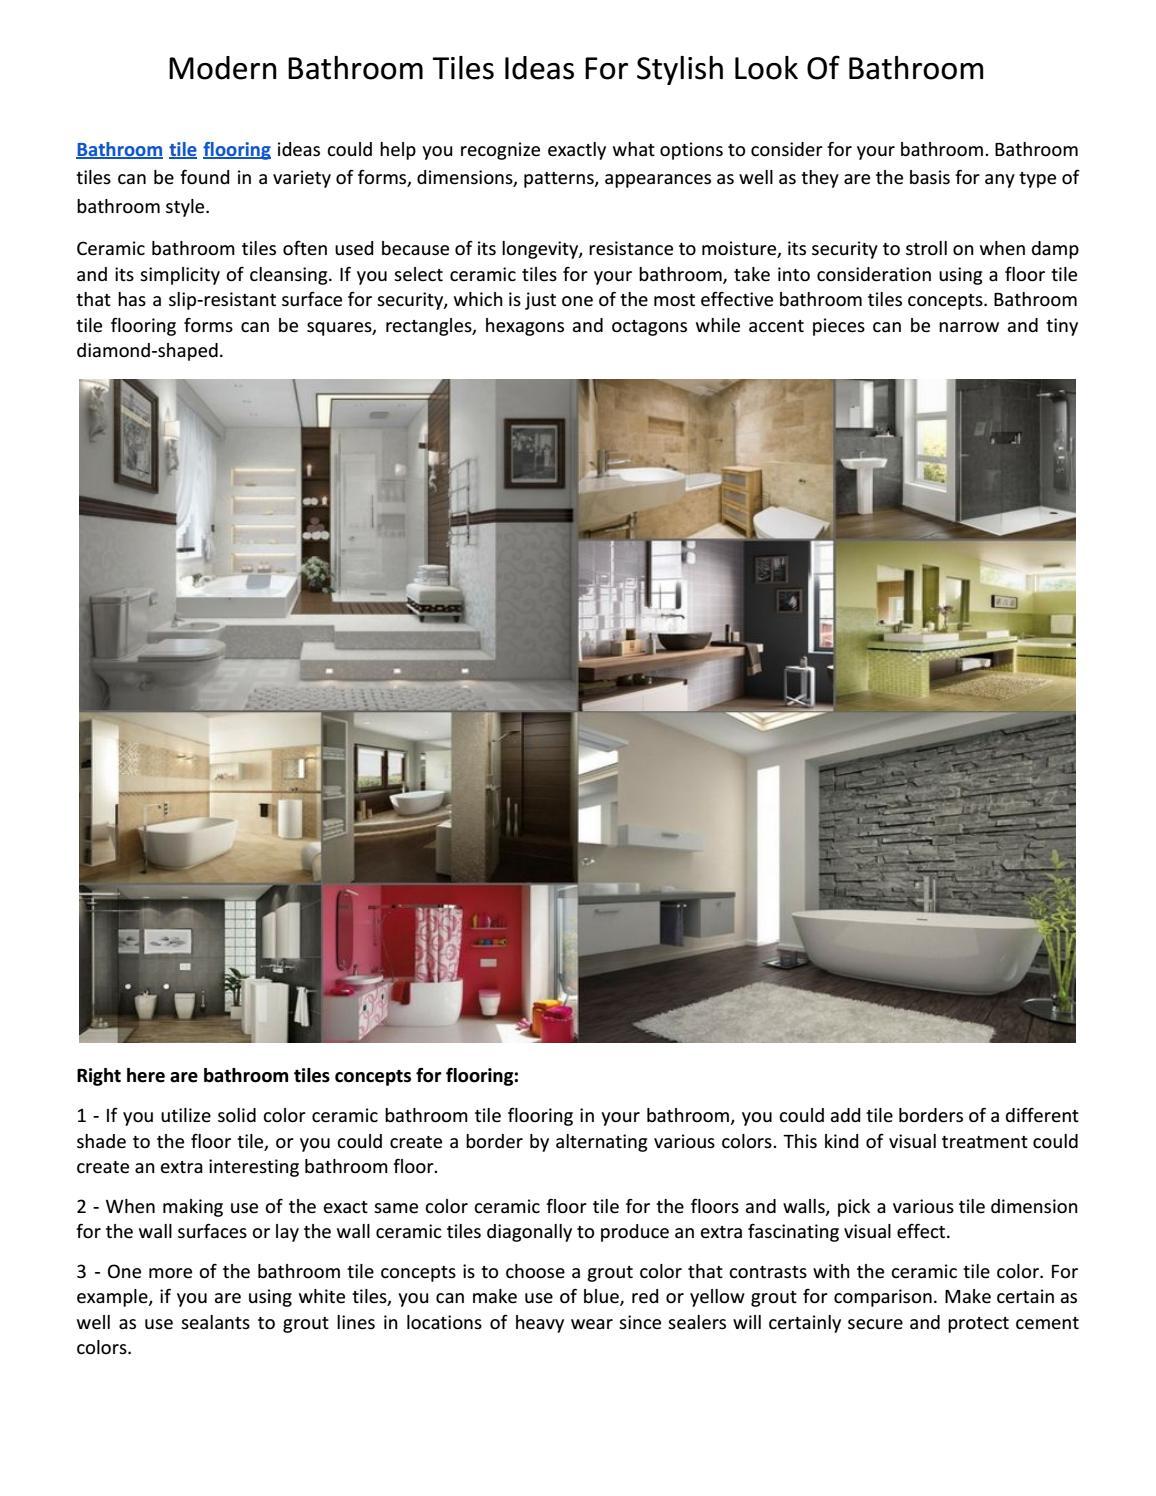 Modern Bathroom Tiles Ideas For Stylish Look Of Bathroom By Sofia Tamm Issuu